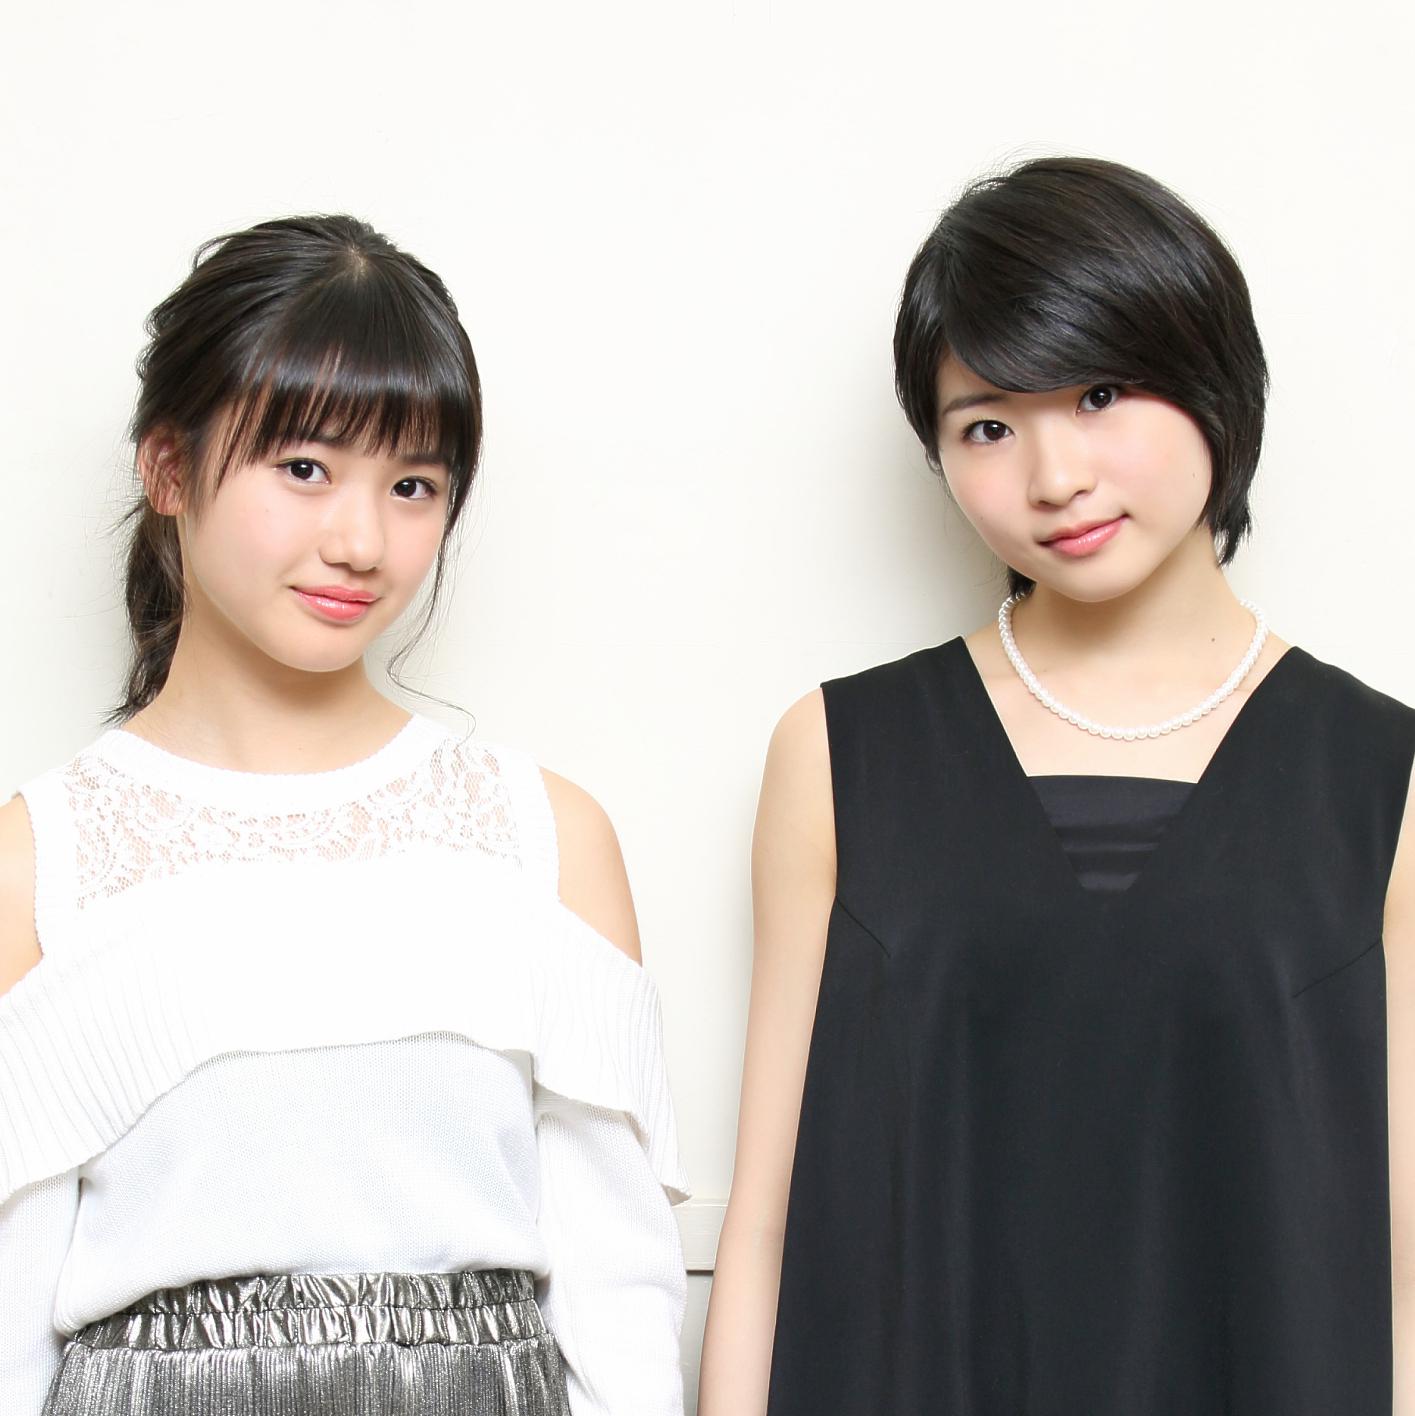 モーニング娘。'17新メンバー・横山玲奈がよくおしゃべりするメンバーBEST3!